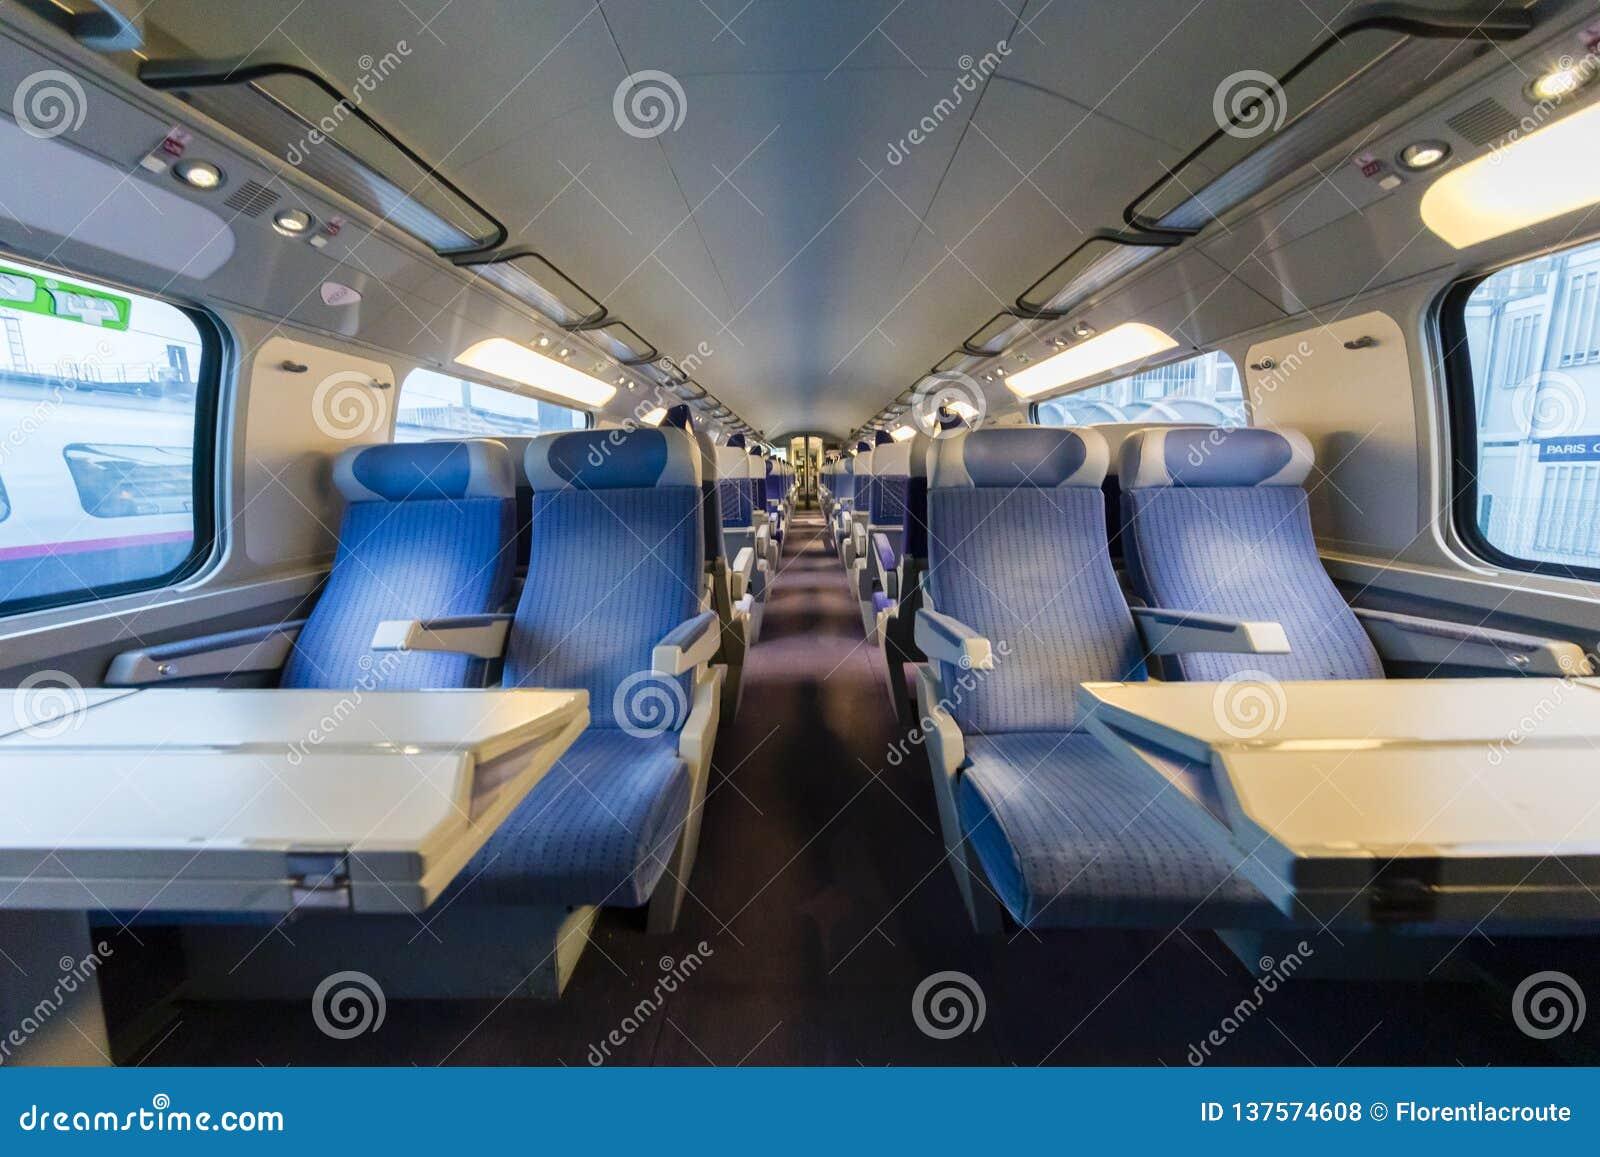 Dentro de un tren de alta velocidad vacío